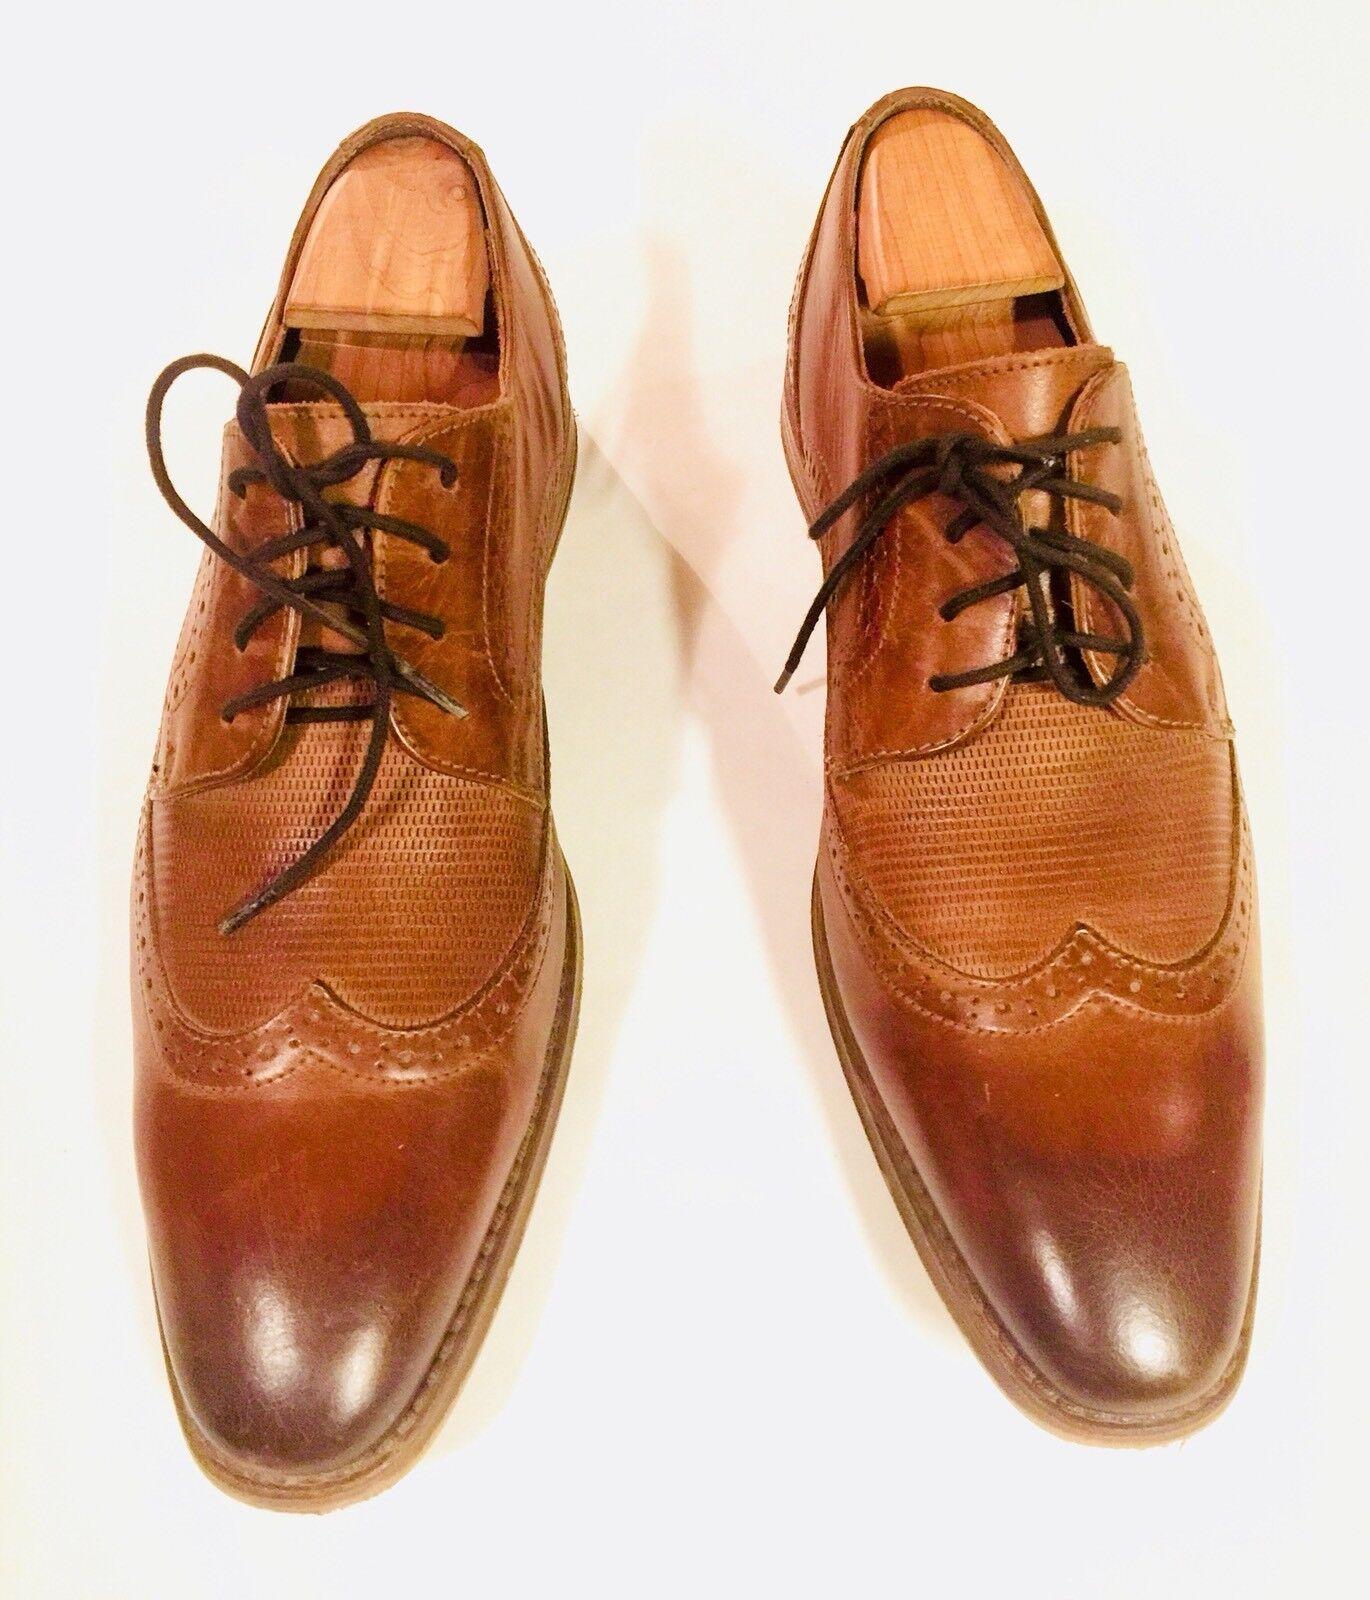 Michael Shannon Brown Leather Brogue Wingtip Oxfords Dress Shoes Mens Sz 9M